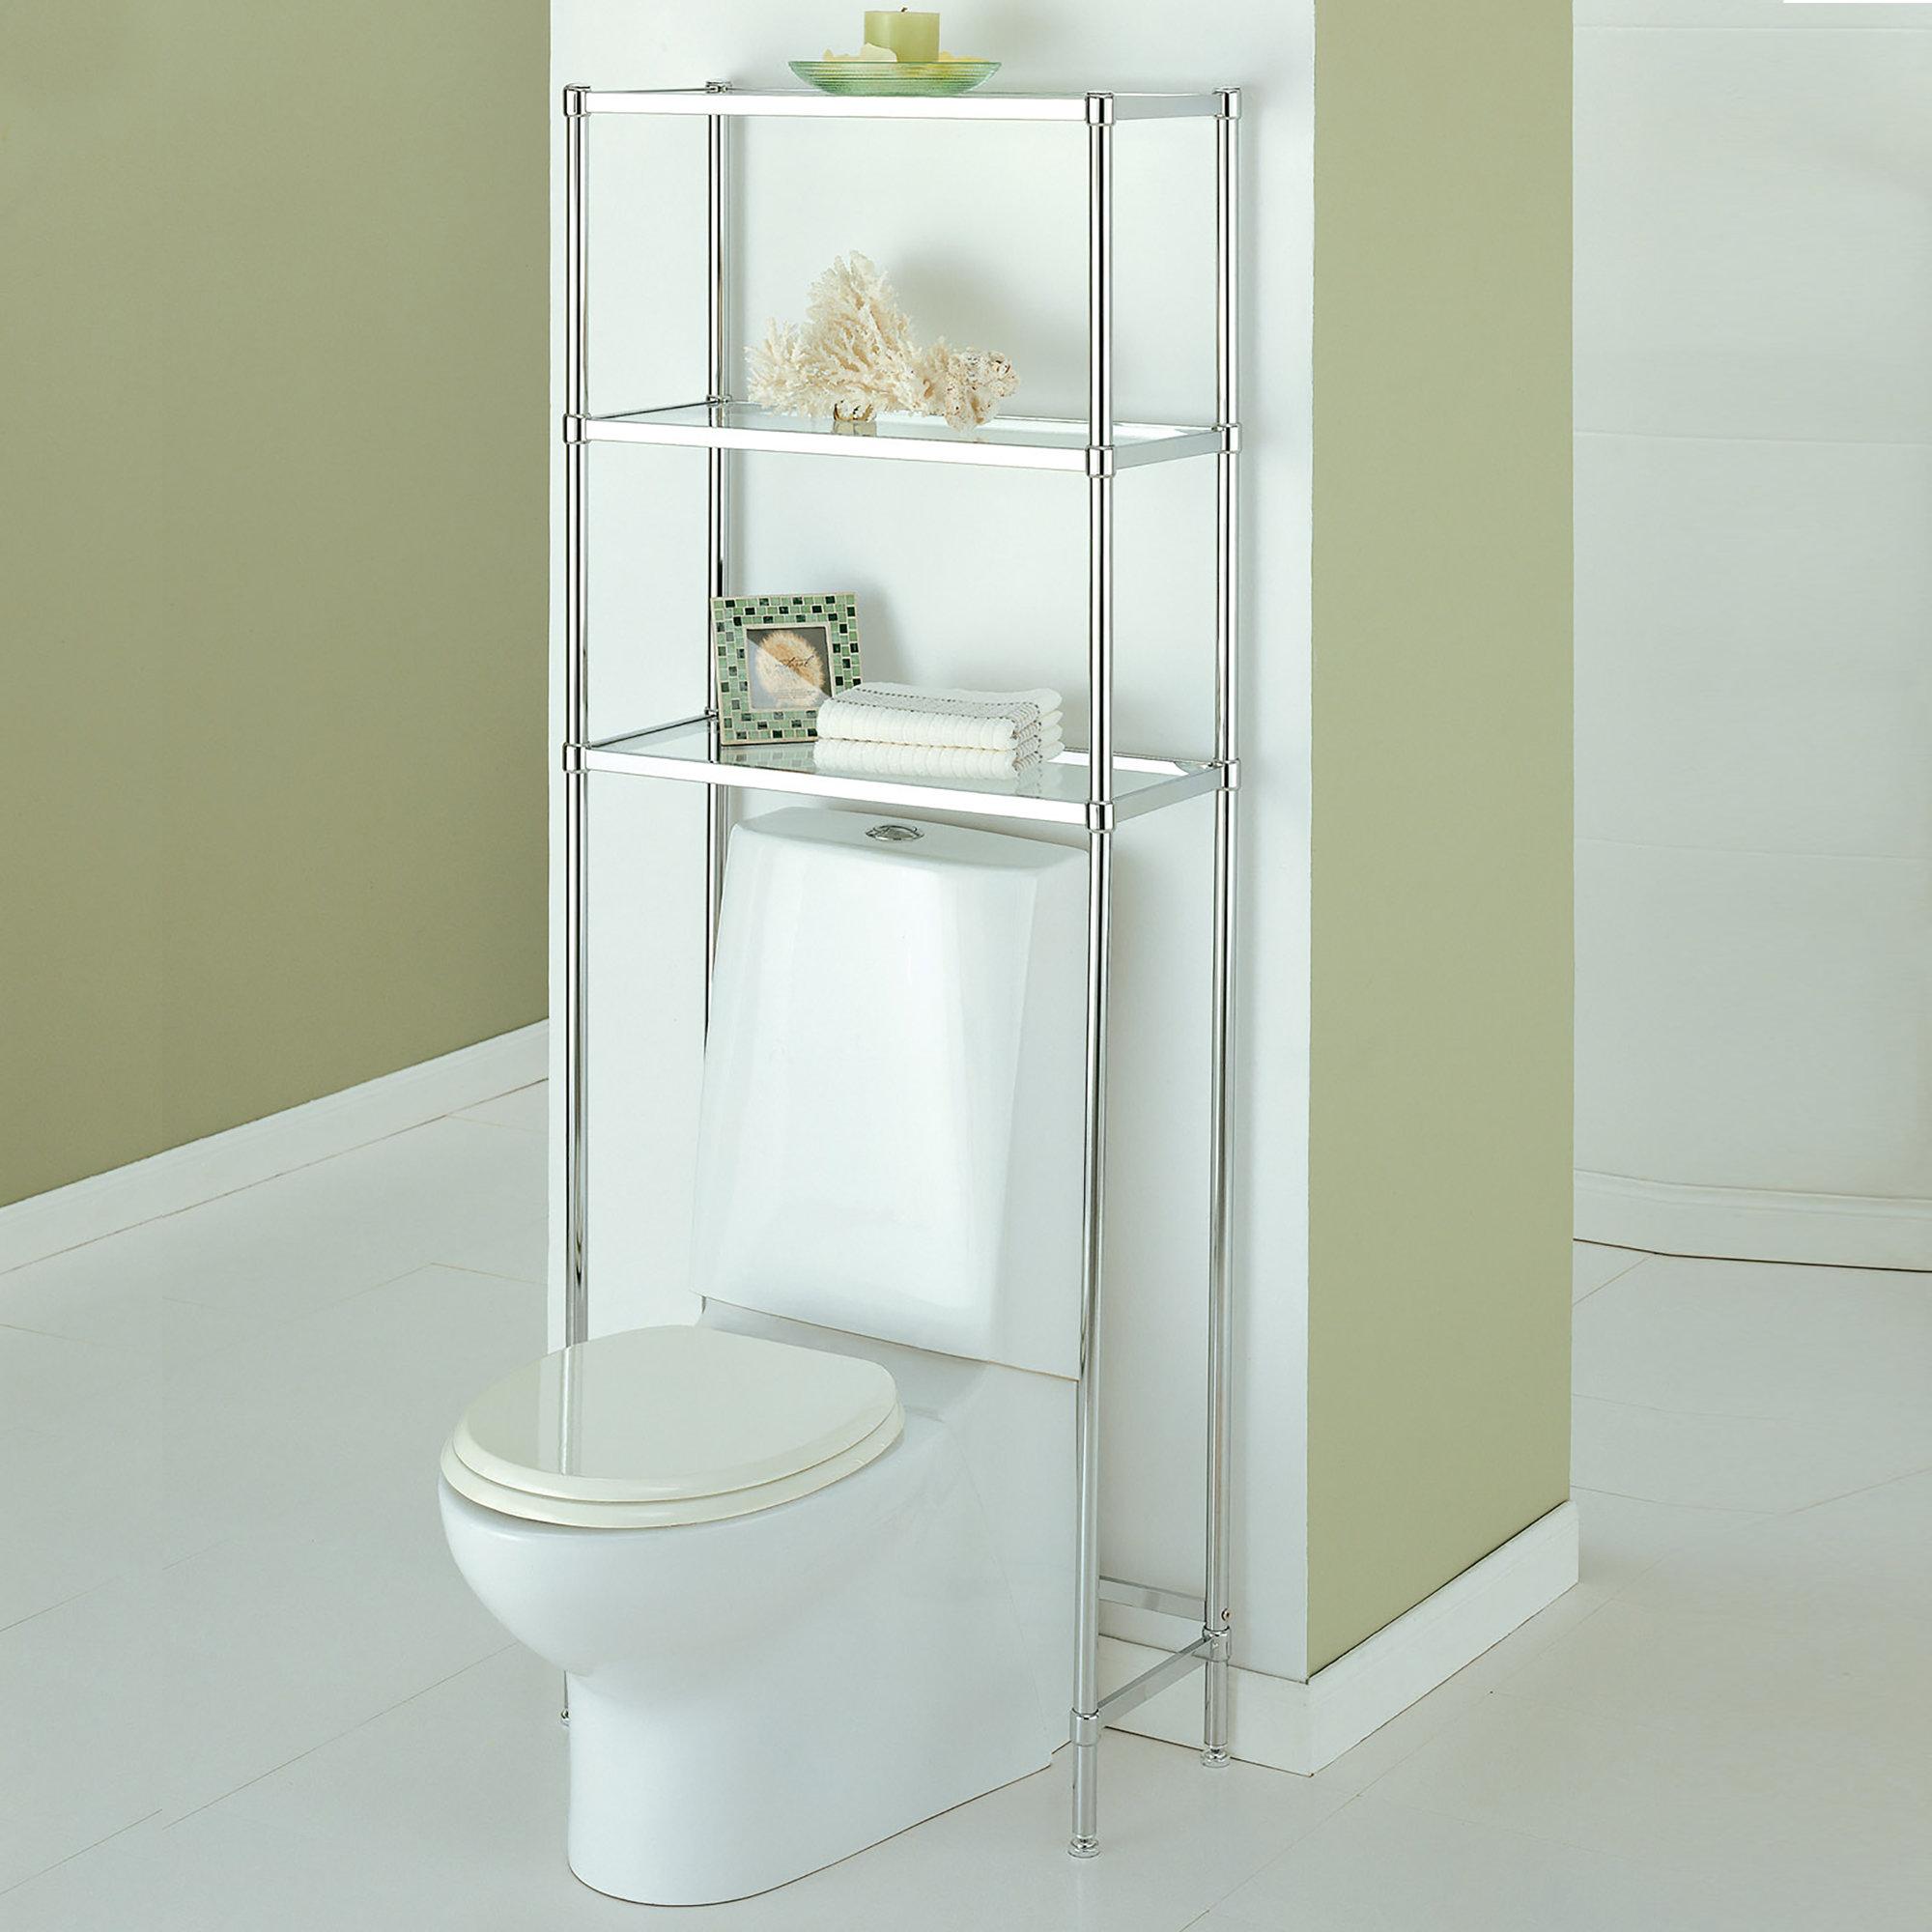 Drew 2425 W X 635 H Over The Toilet Storage in size 2000 X 2000